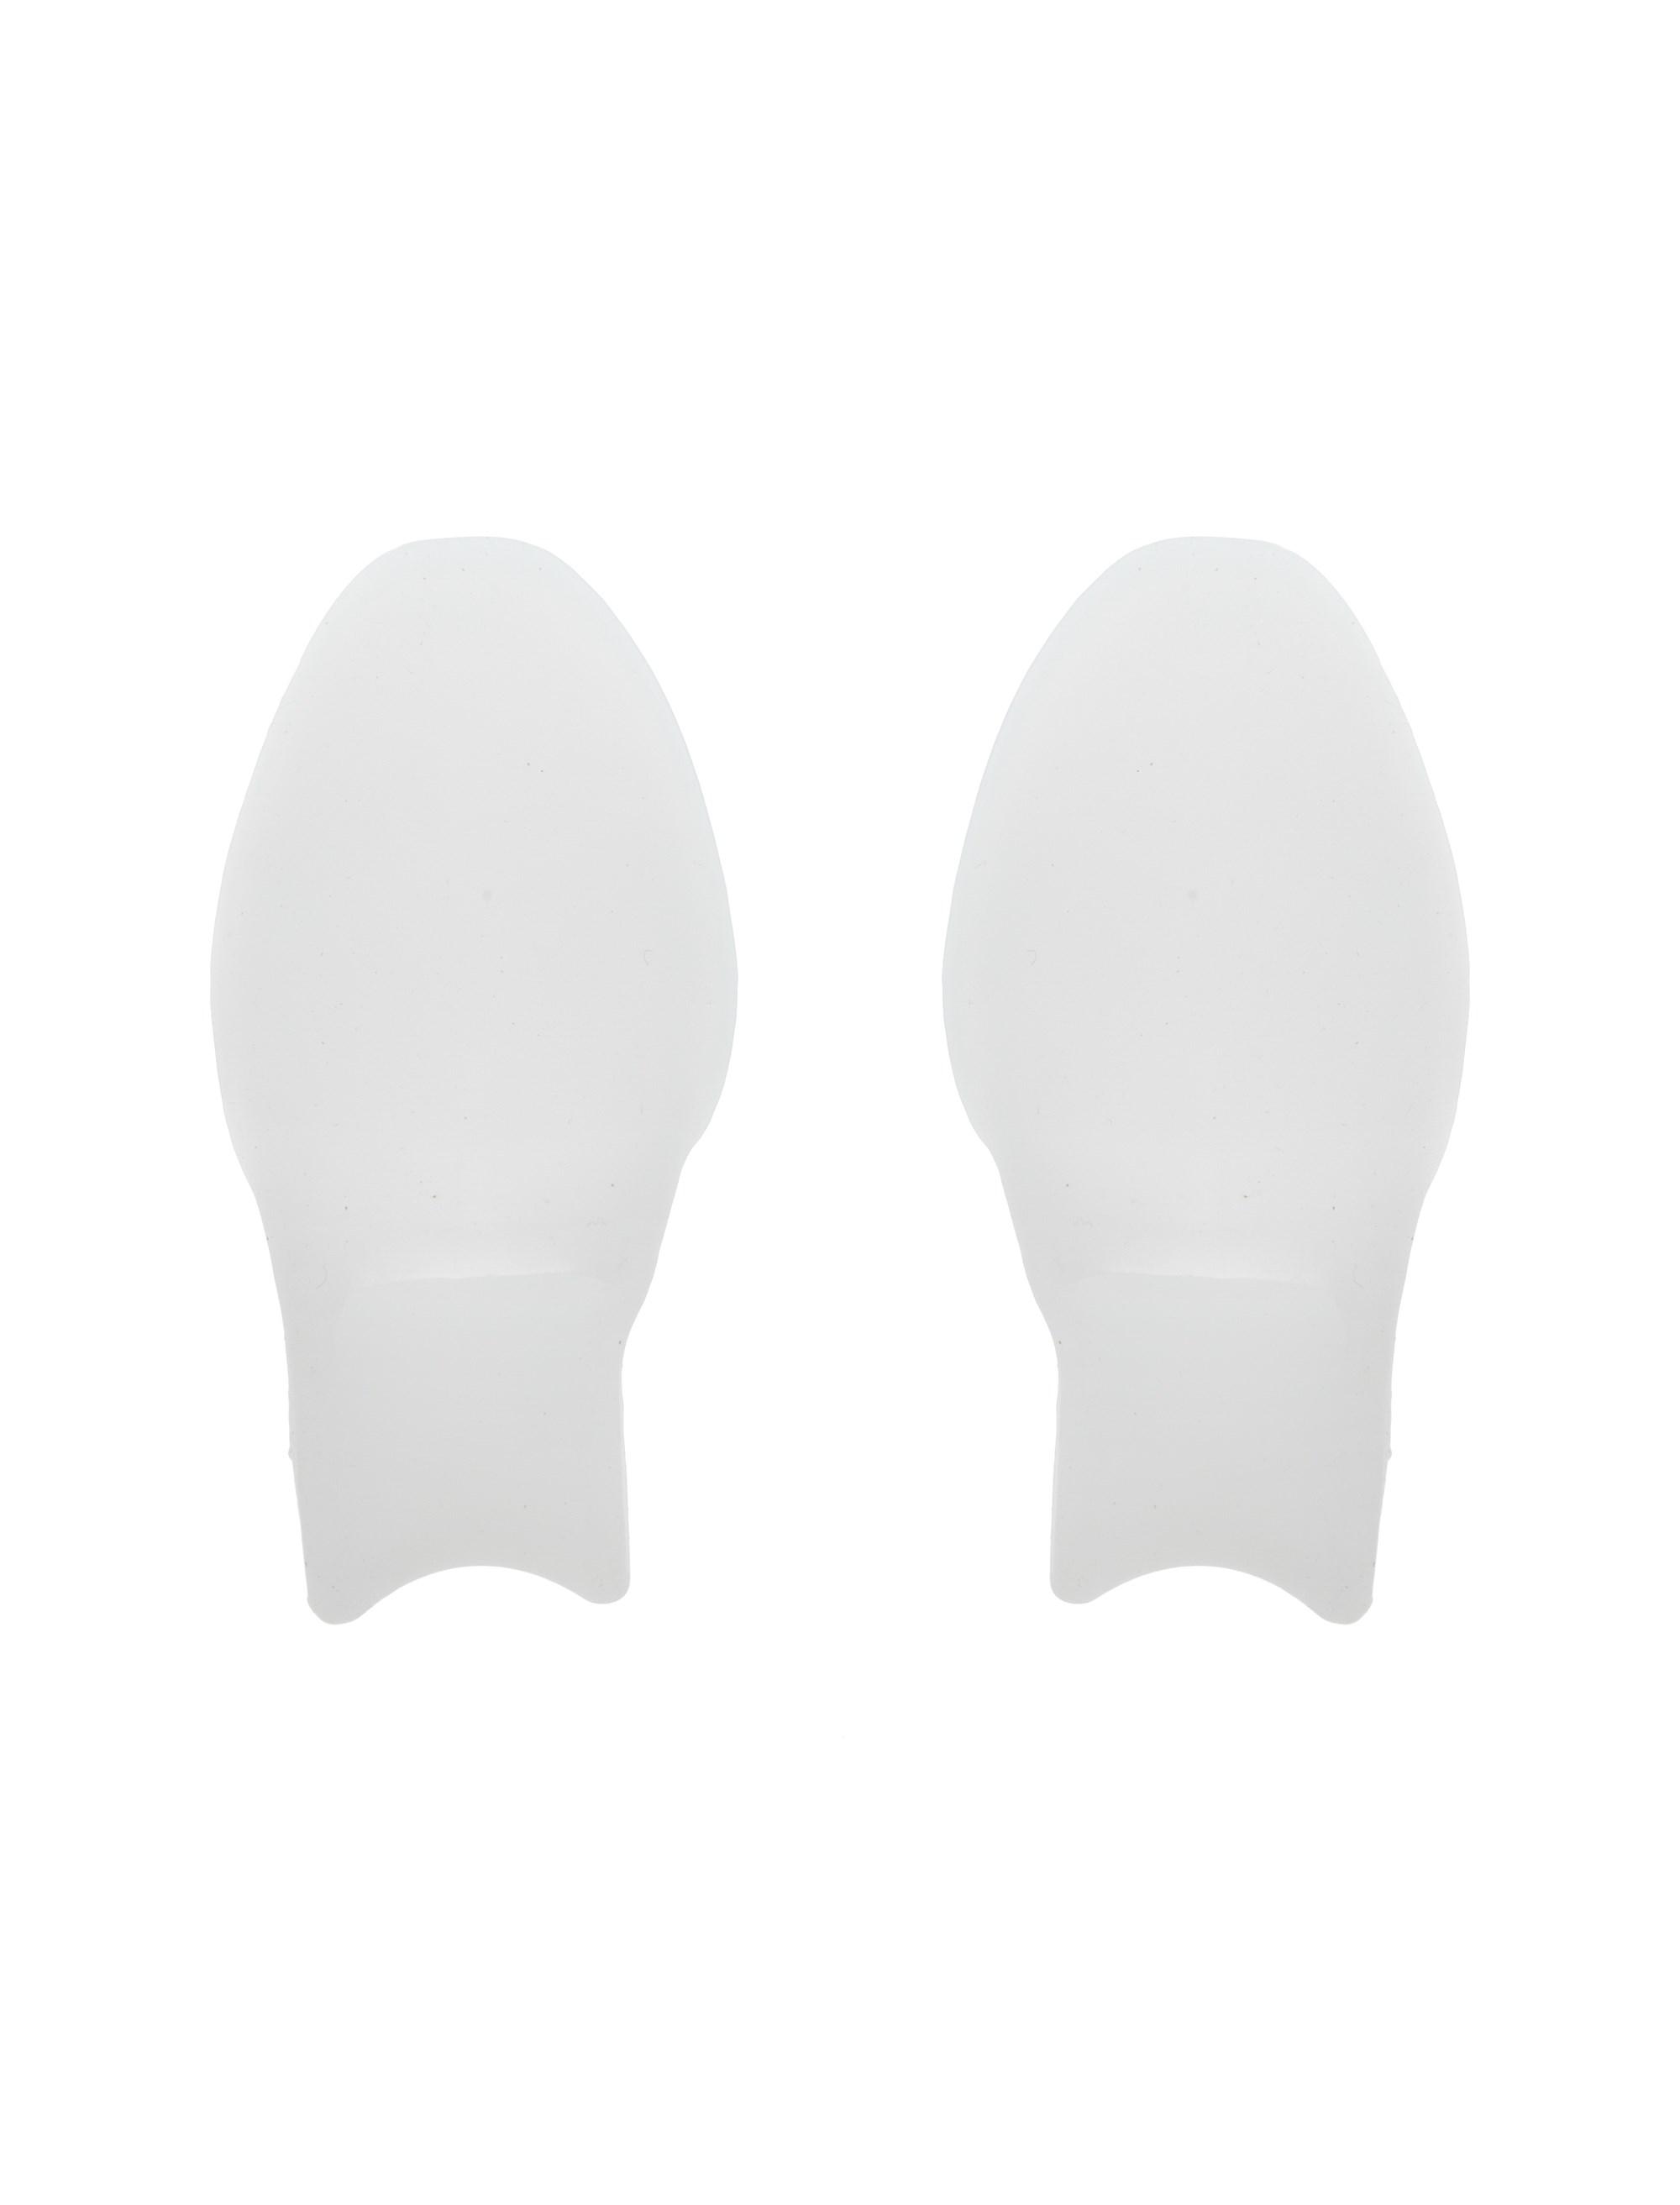 پد محافظ انگشت - دنیلی - سفيد - 2